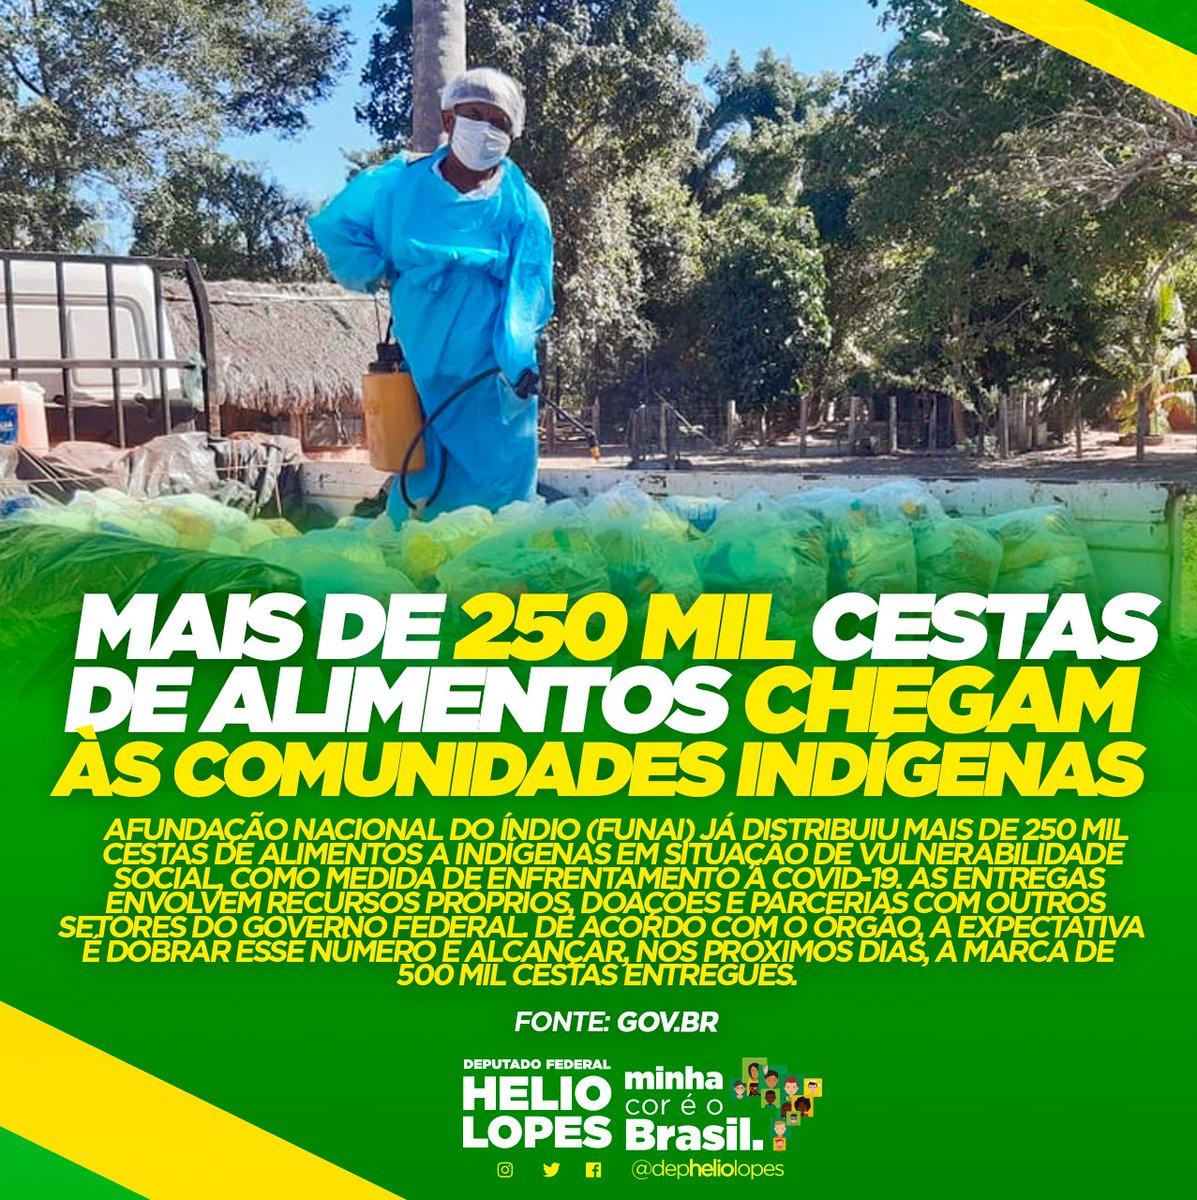 👉🏿👉🏿Mais de 250mil cestas de alimentos chegam as comunidades indígenas 🇧🇷  #depheliolopes #minhacoréobrasil